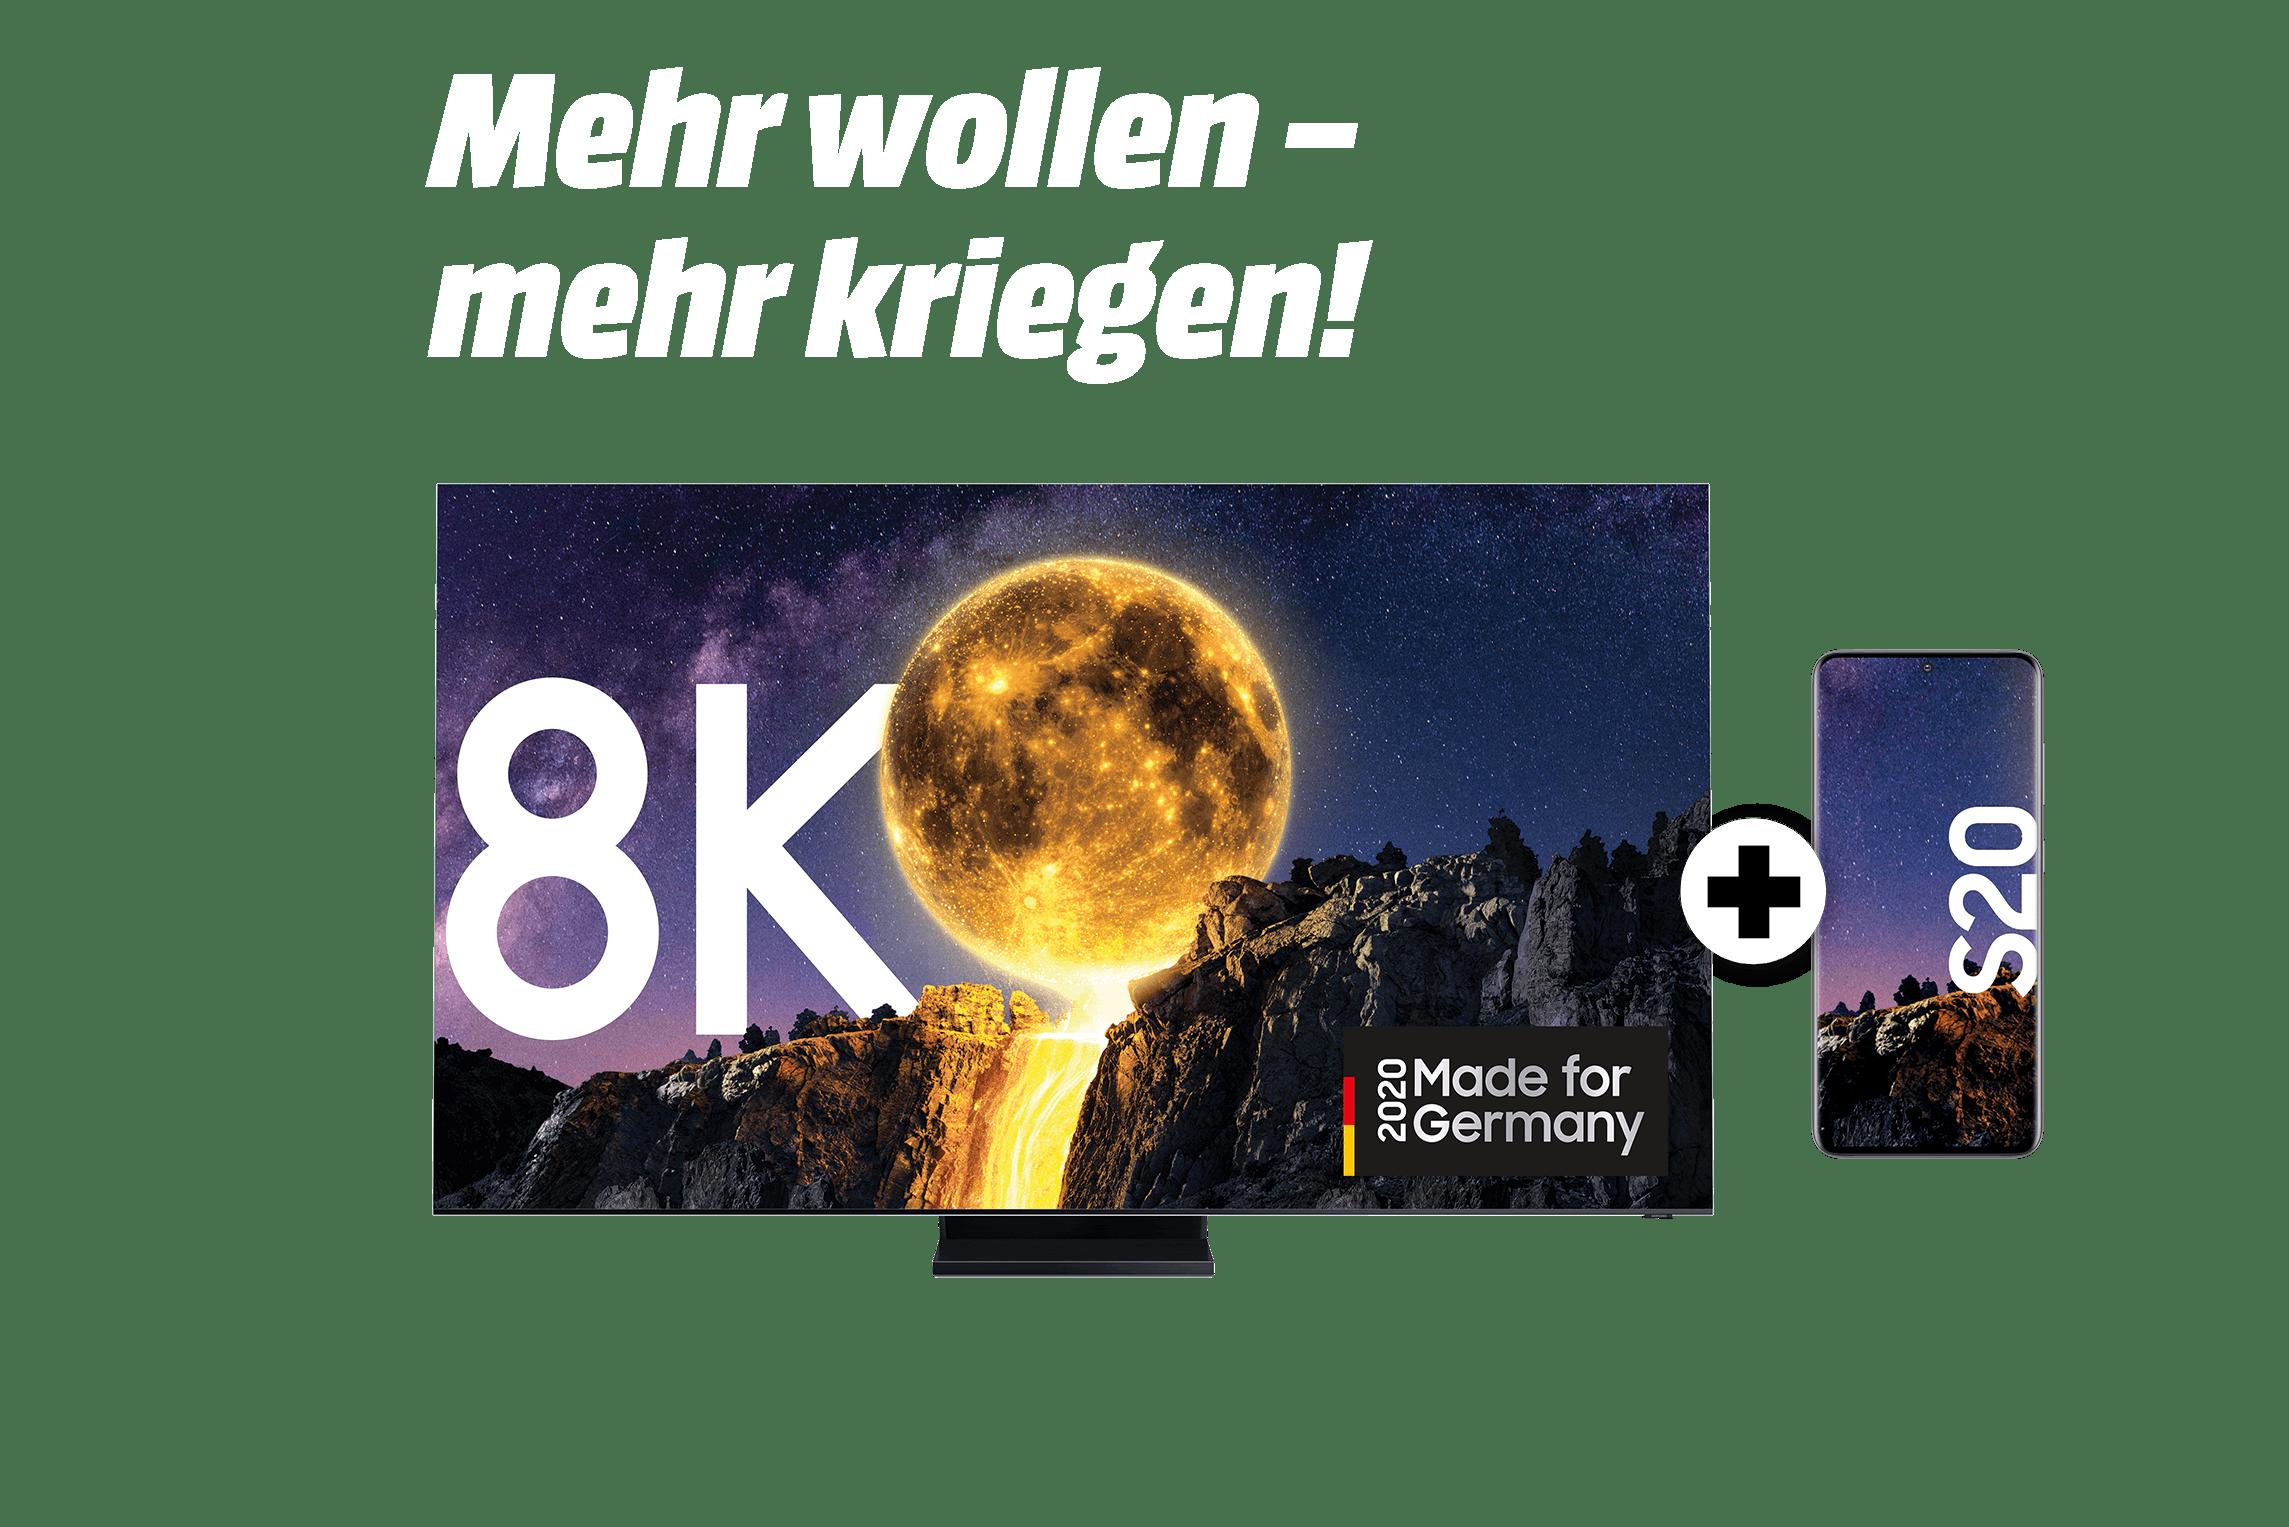 campaign-visual